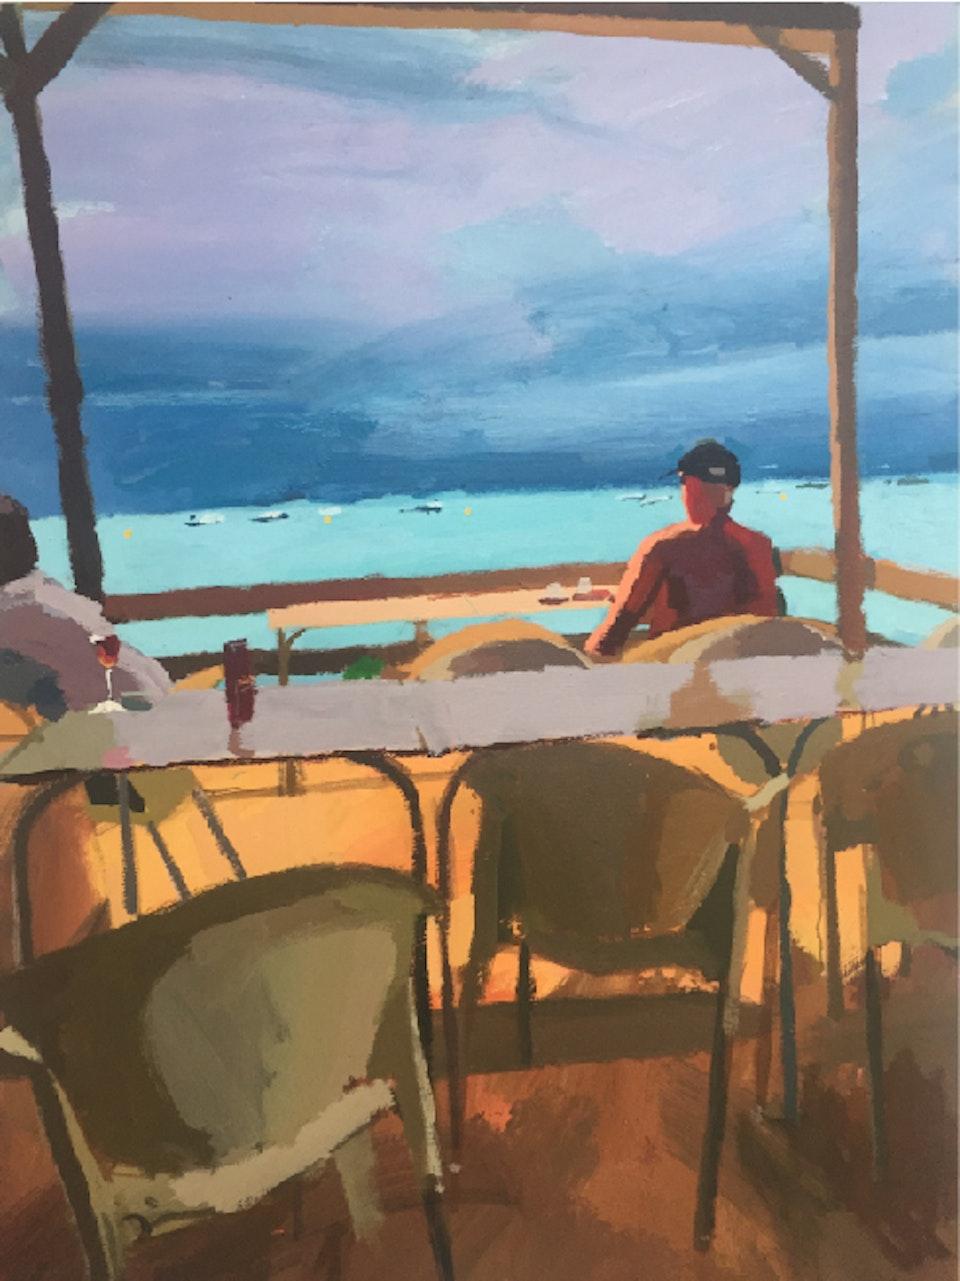 Paul Amey, Ocean Bar with Figure, acrylic on board 120 x 80 cm